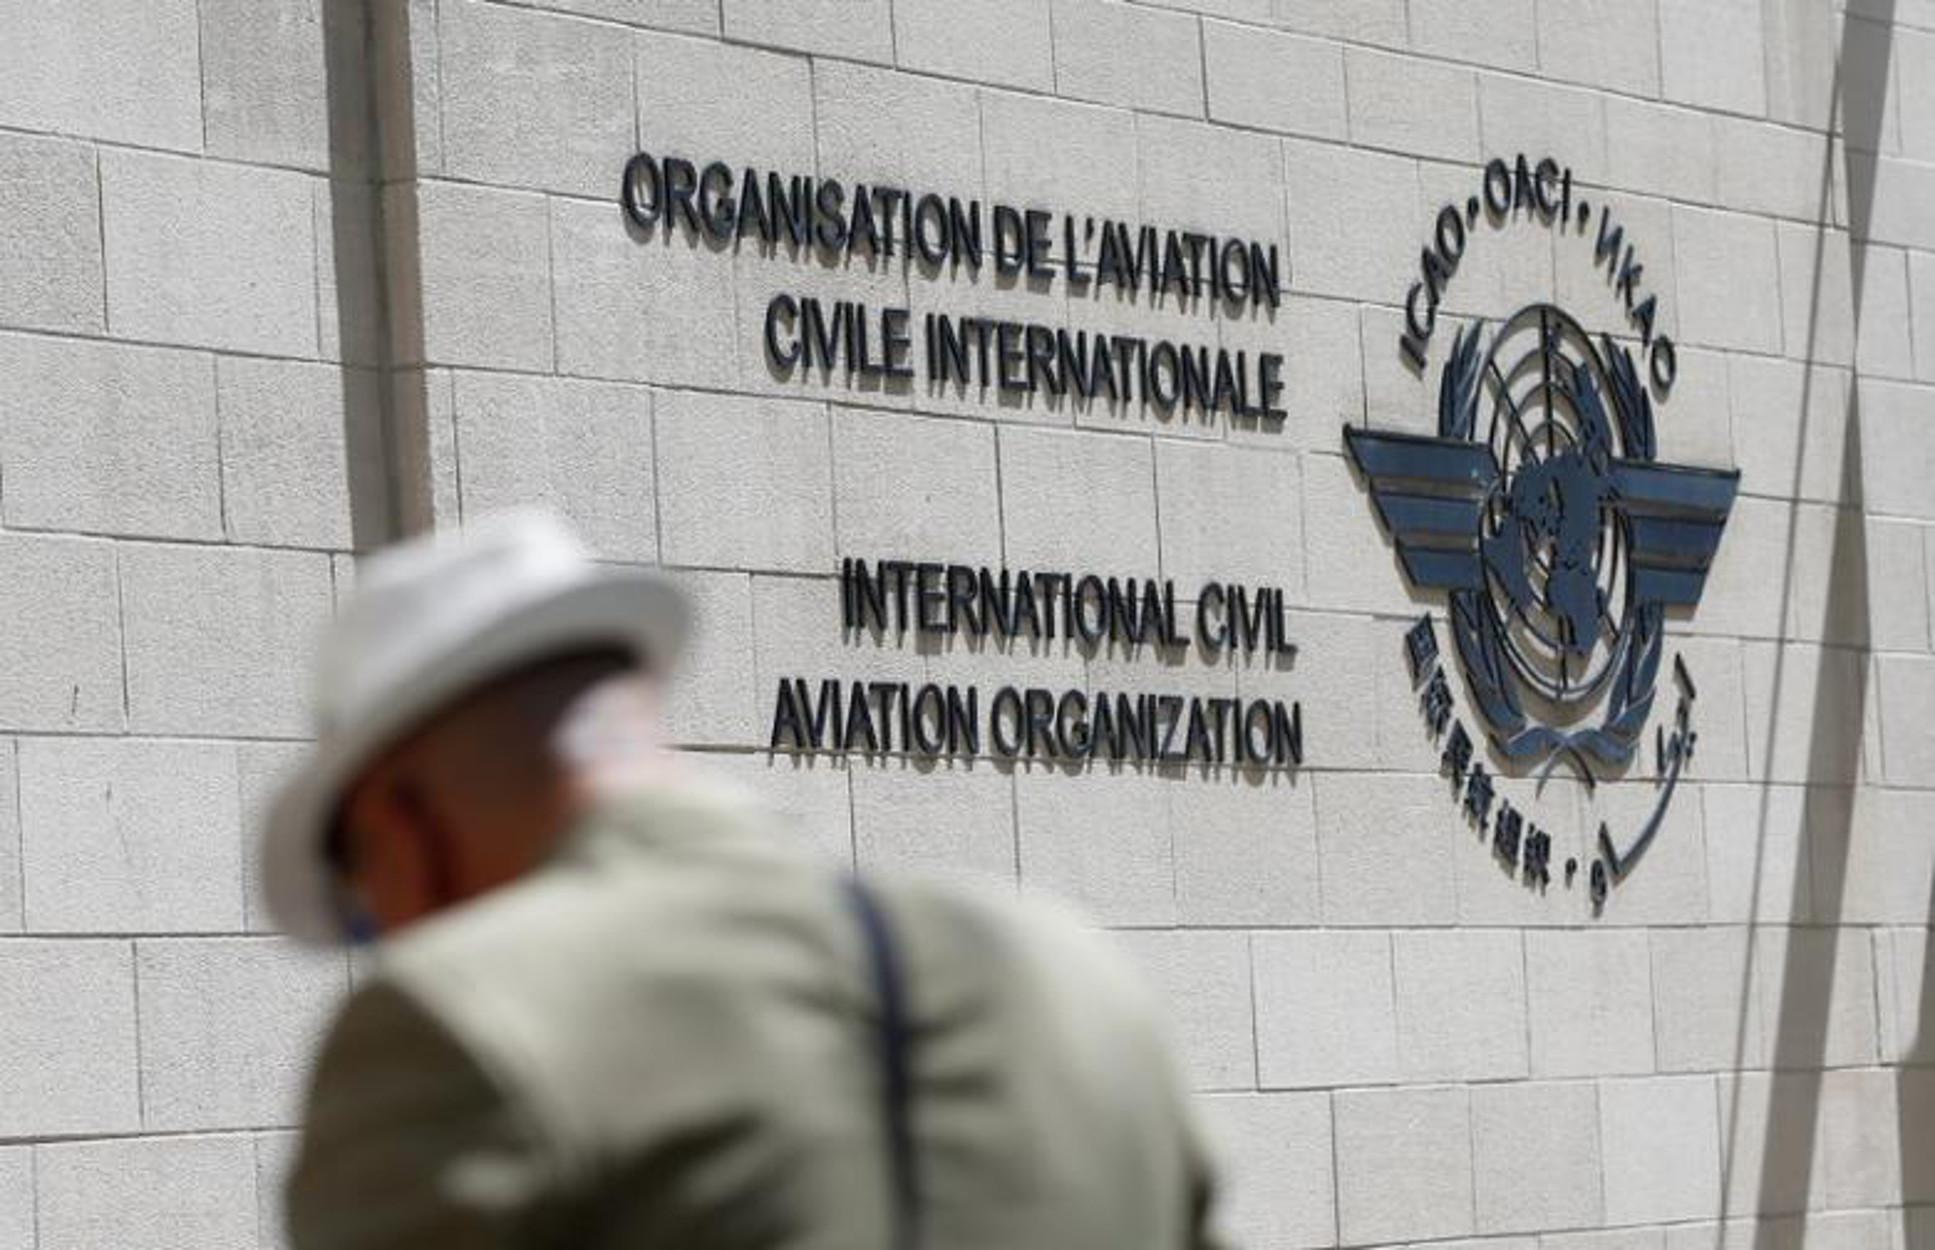 """Απάντηση του ICAO στις τουρκικές προκλήσεις στο Αιγαίο! """"Καμιά αλλαγή στις αρμοδιότητες για έρευνα και διάσωση"""""""